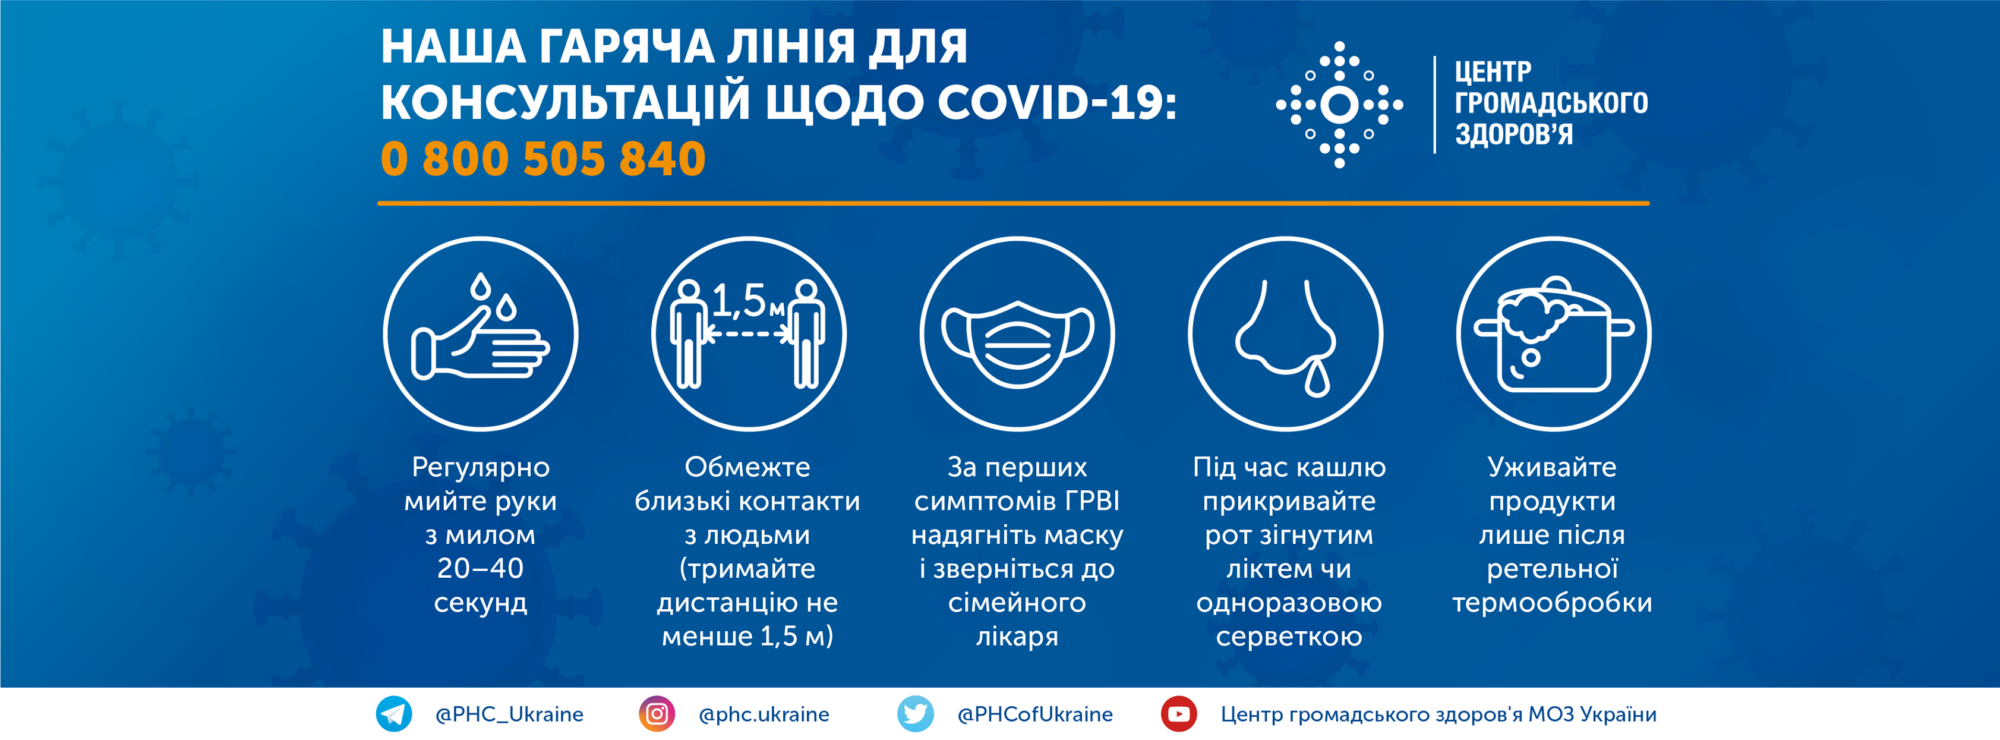 19 квітня хворих на COVID-19 в Україні 5449 осіб - коронавірус - 93008743 1834919663299420 1897685330702630912 o 2000x740